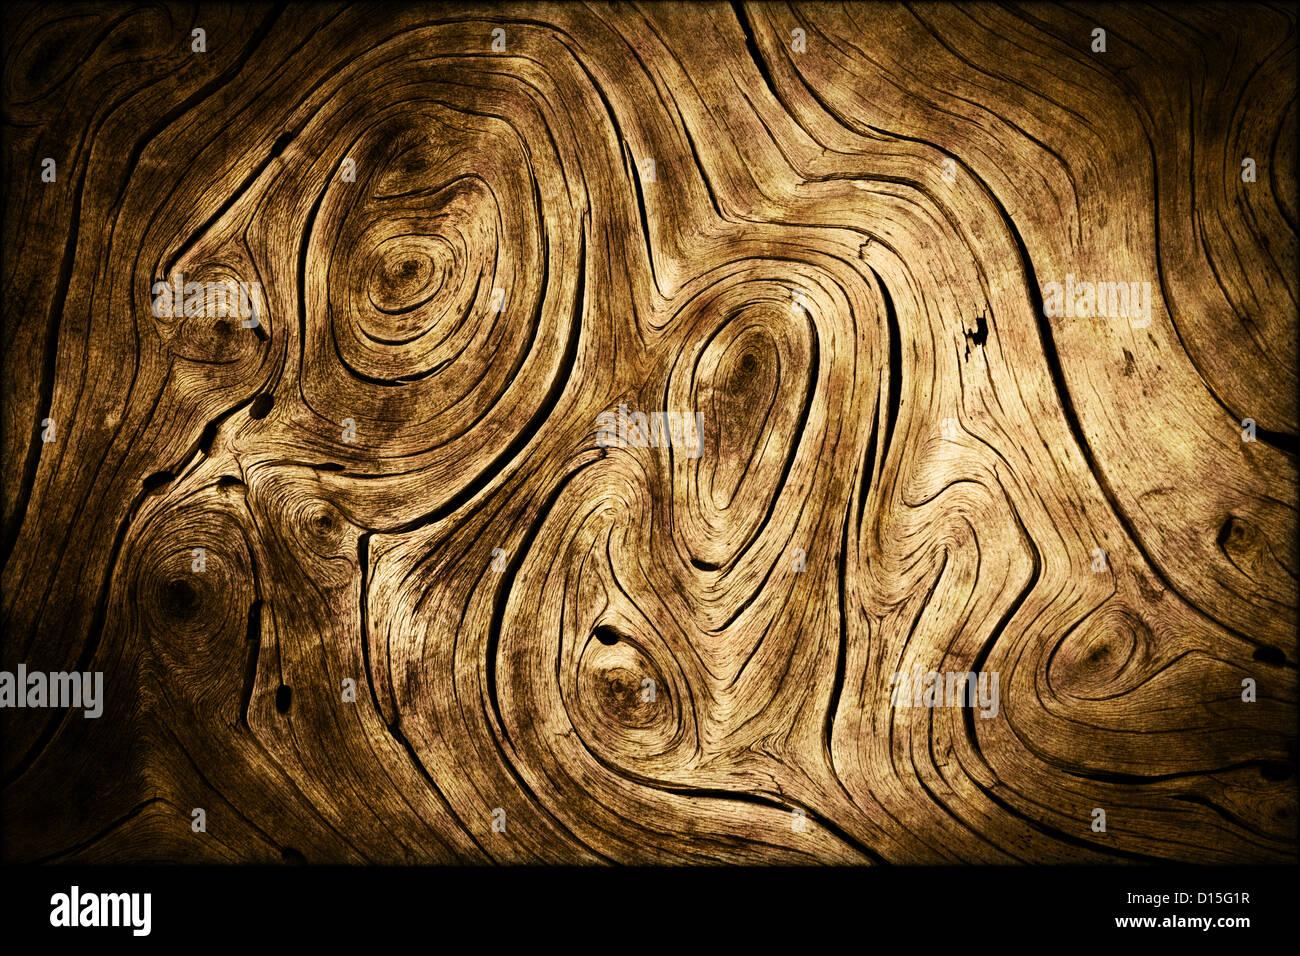 Dark Grunge Wood Swirls Organic Background Texture - Stock Image